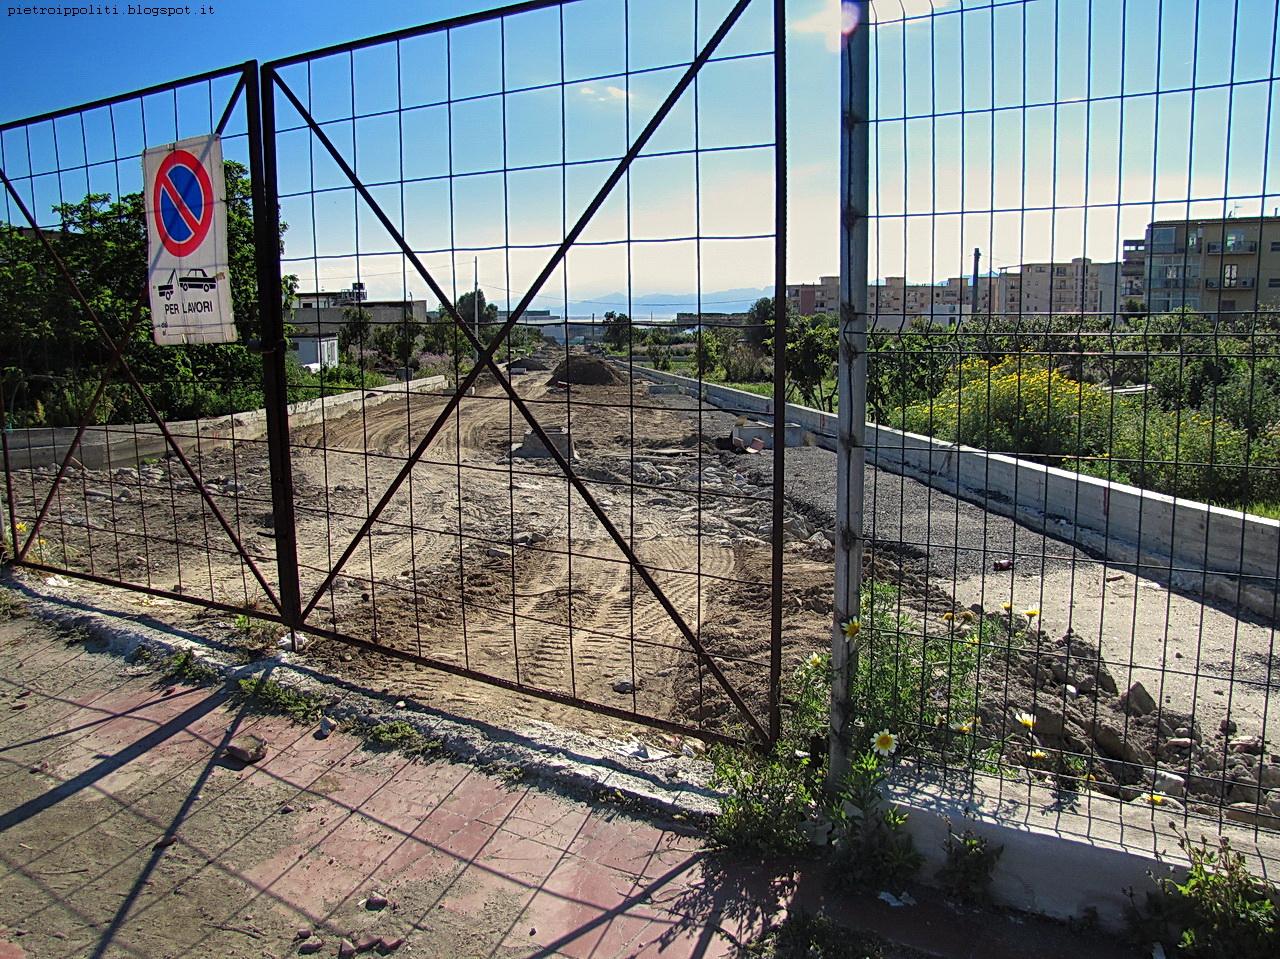 Pista ciclabile di RC, strada in costruzione